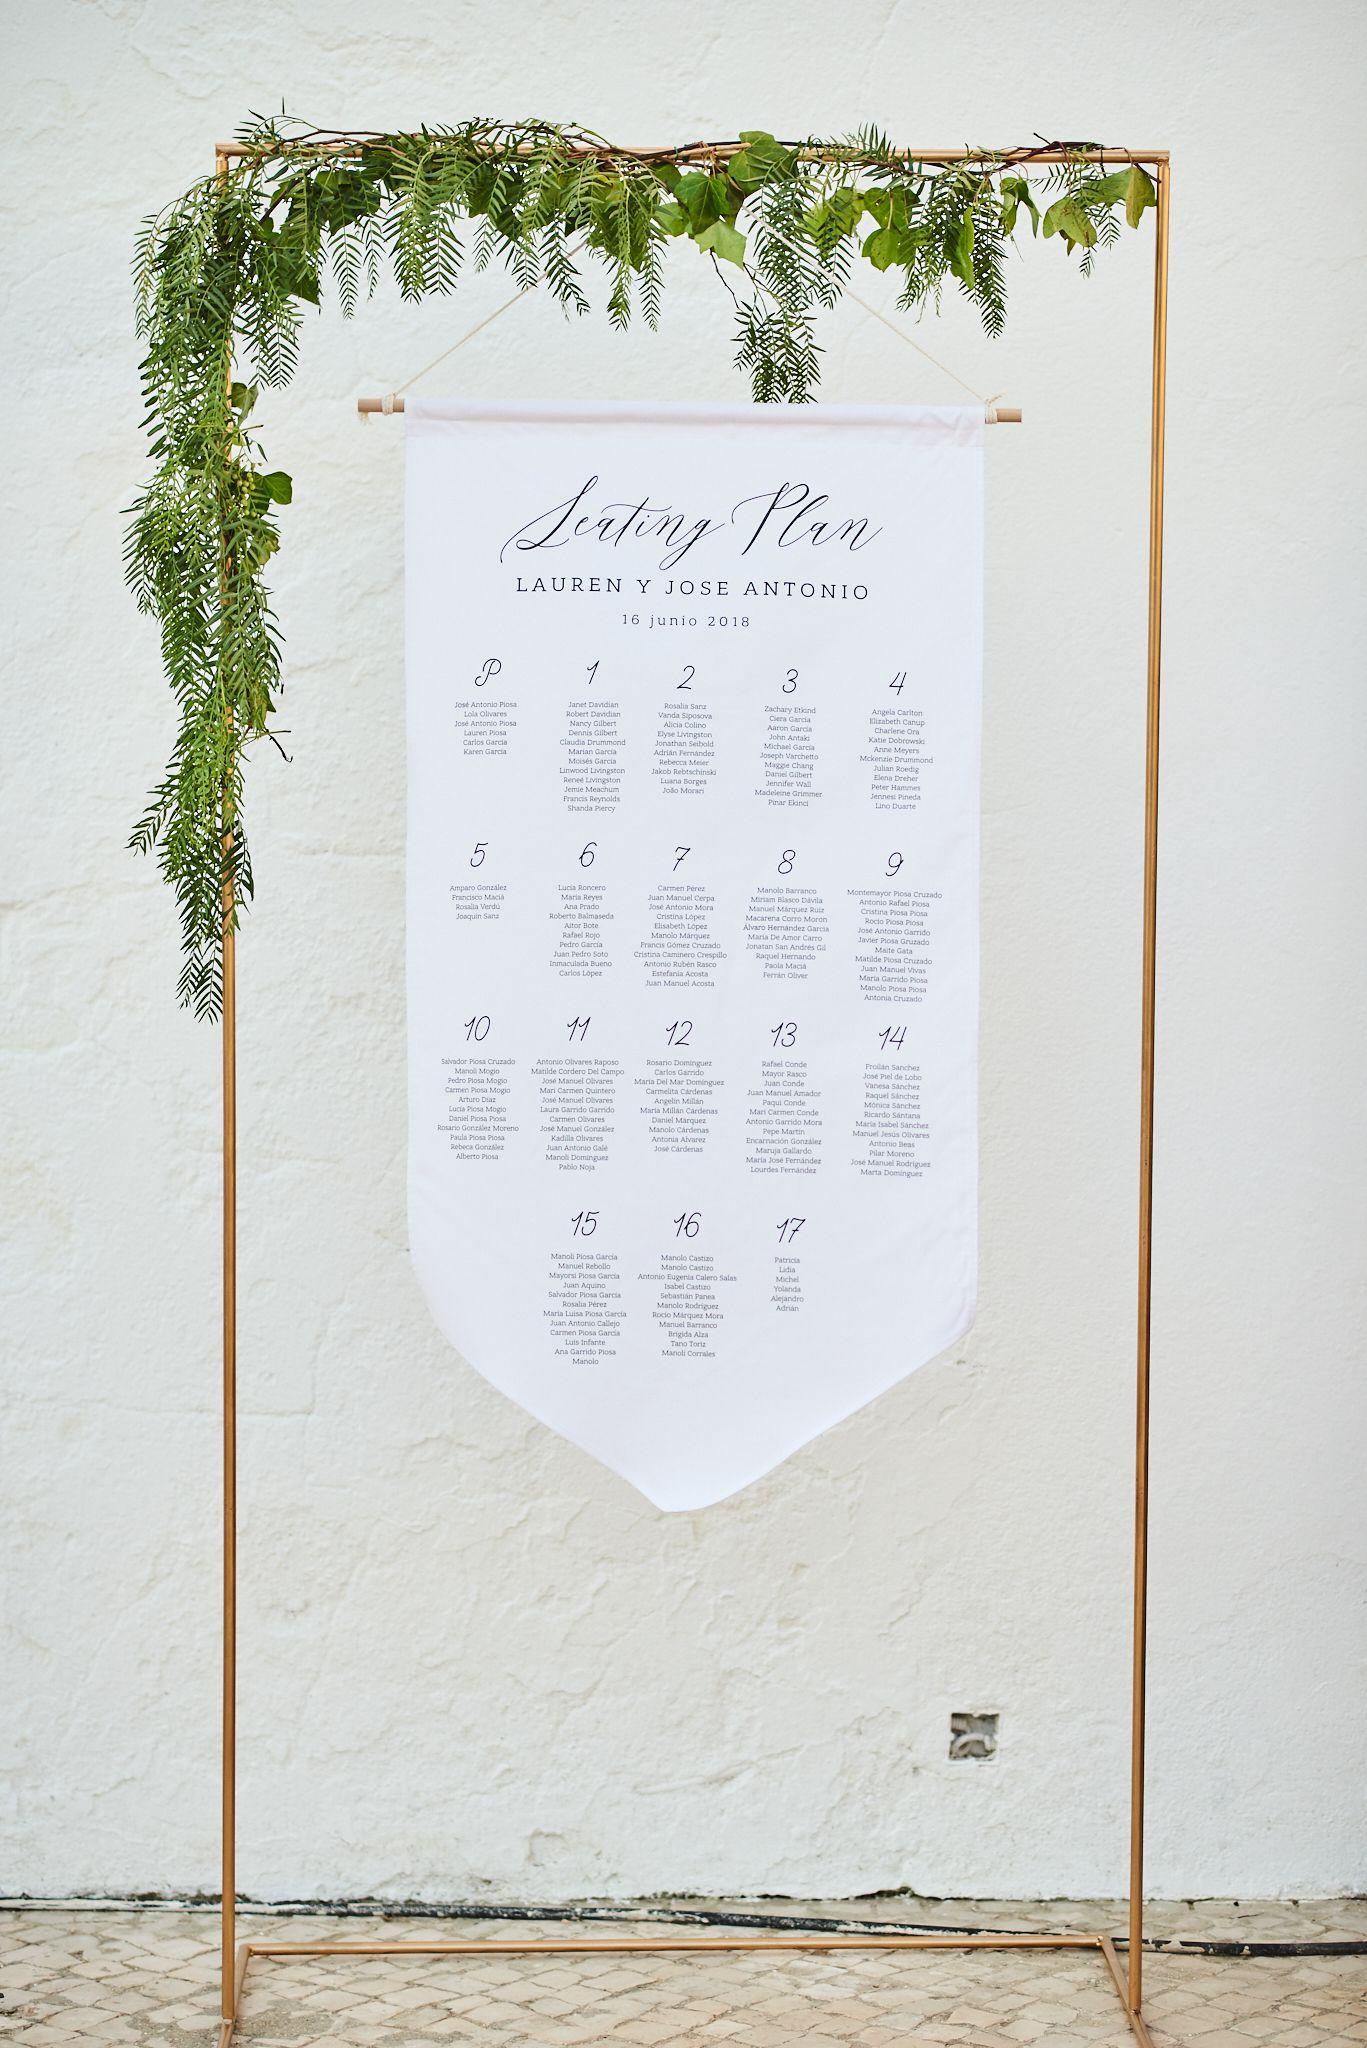 La-22Destination-Wedding22-en-Moguer-de-Lauren-y-JosC3A9-Antonio-JoseAntonio-alejandromarmol2284.jpg